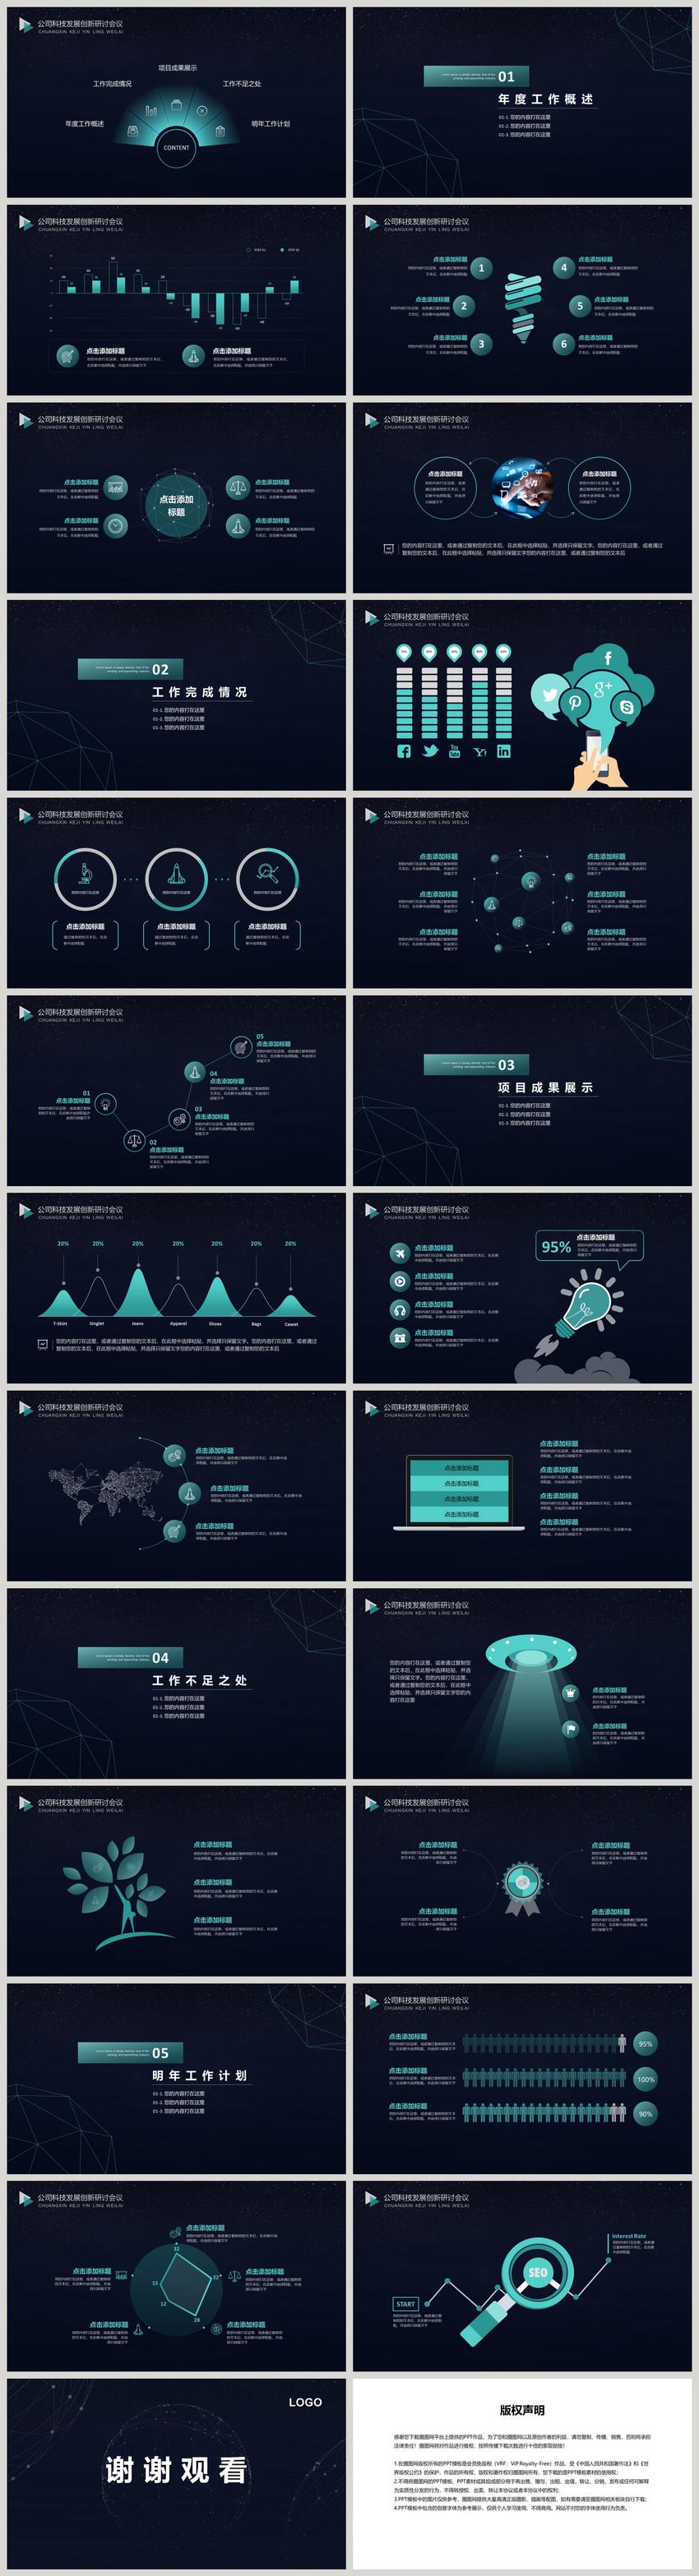 创新科技互联网研讨会PPT模板图片